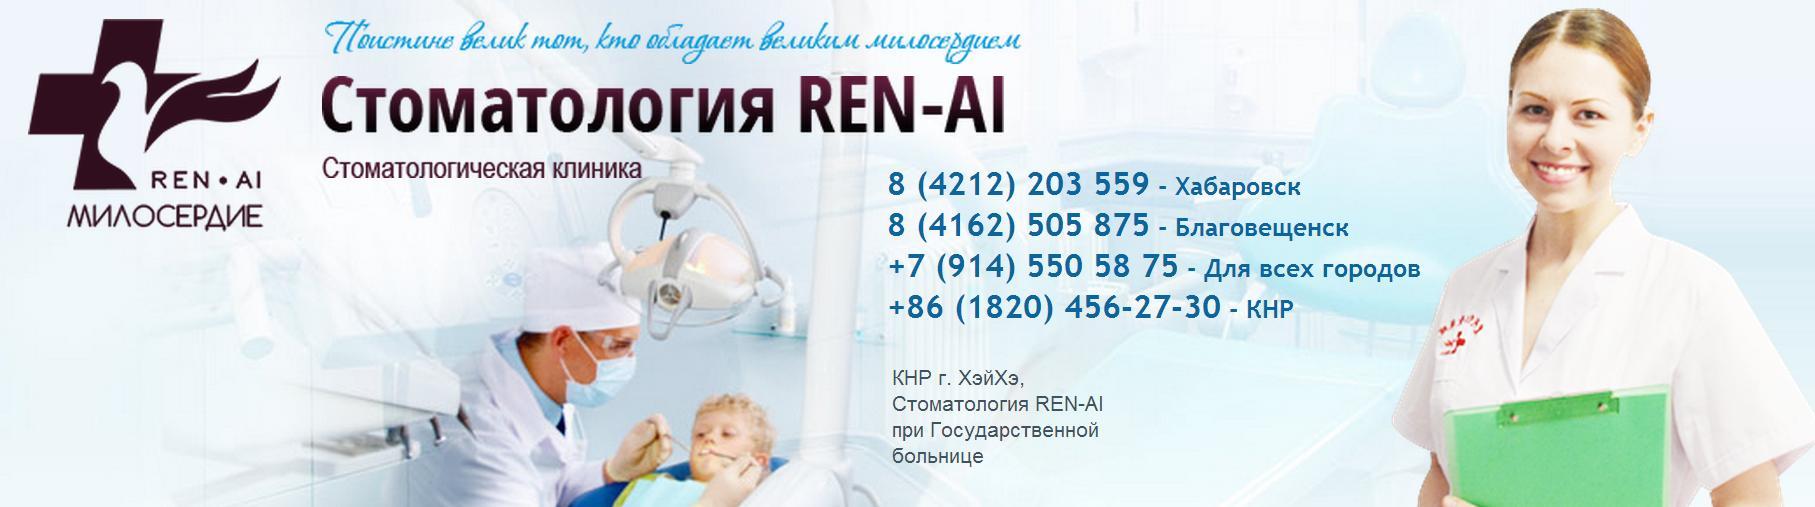 стоматология хабаровск цены прайс лист